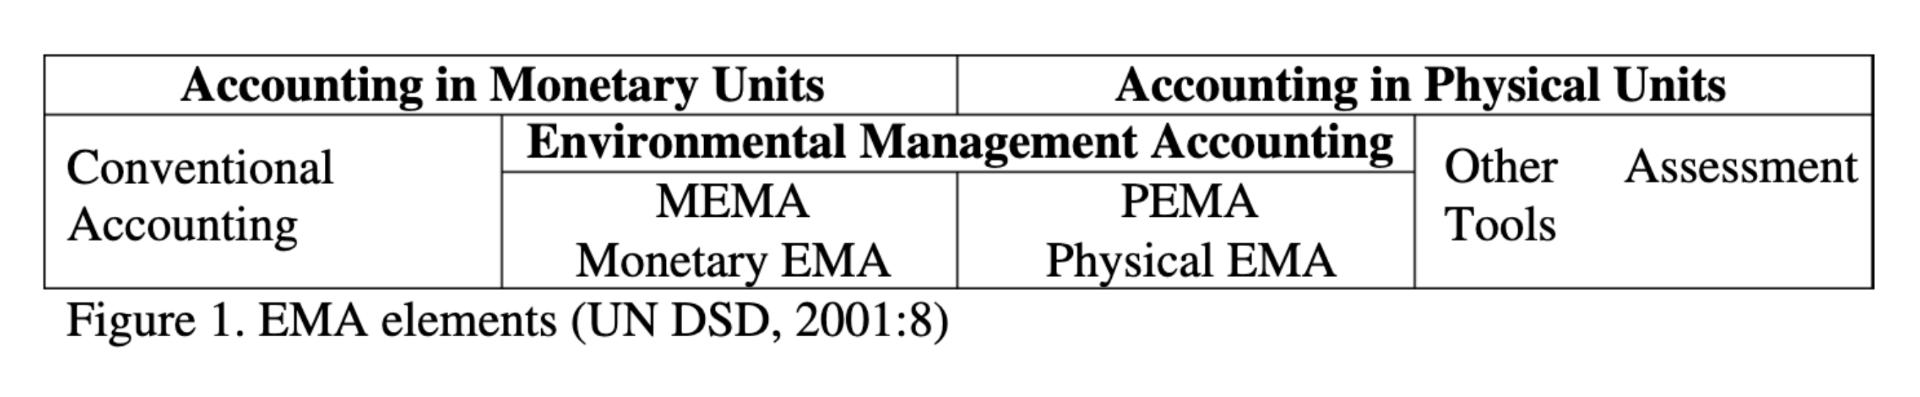 Environmental Management Accounting EMA monetary physical units MEMA PEMA conventional accounting